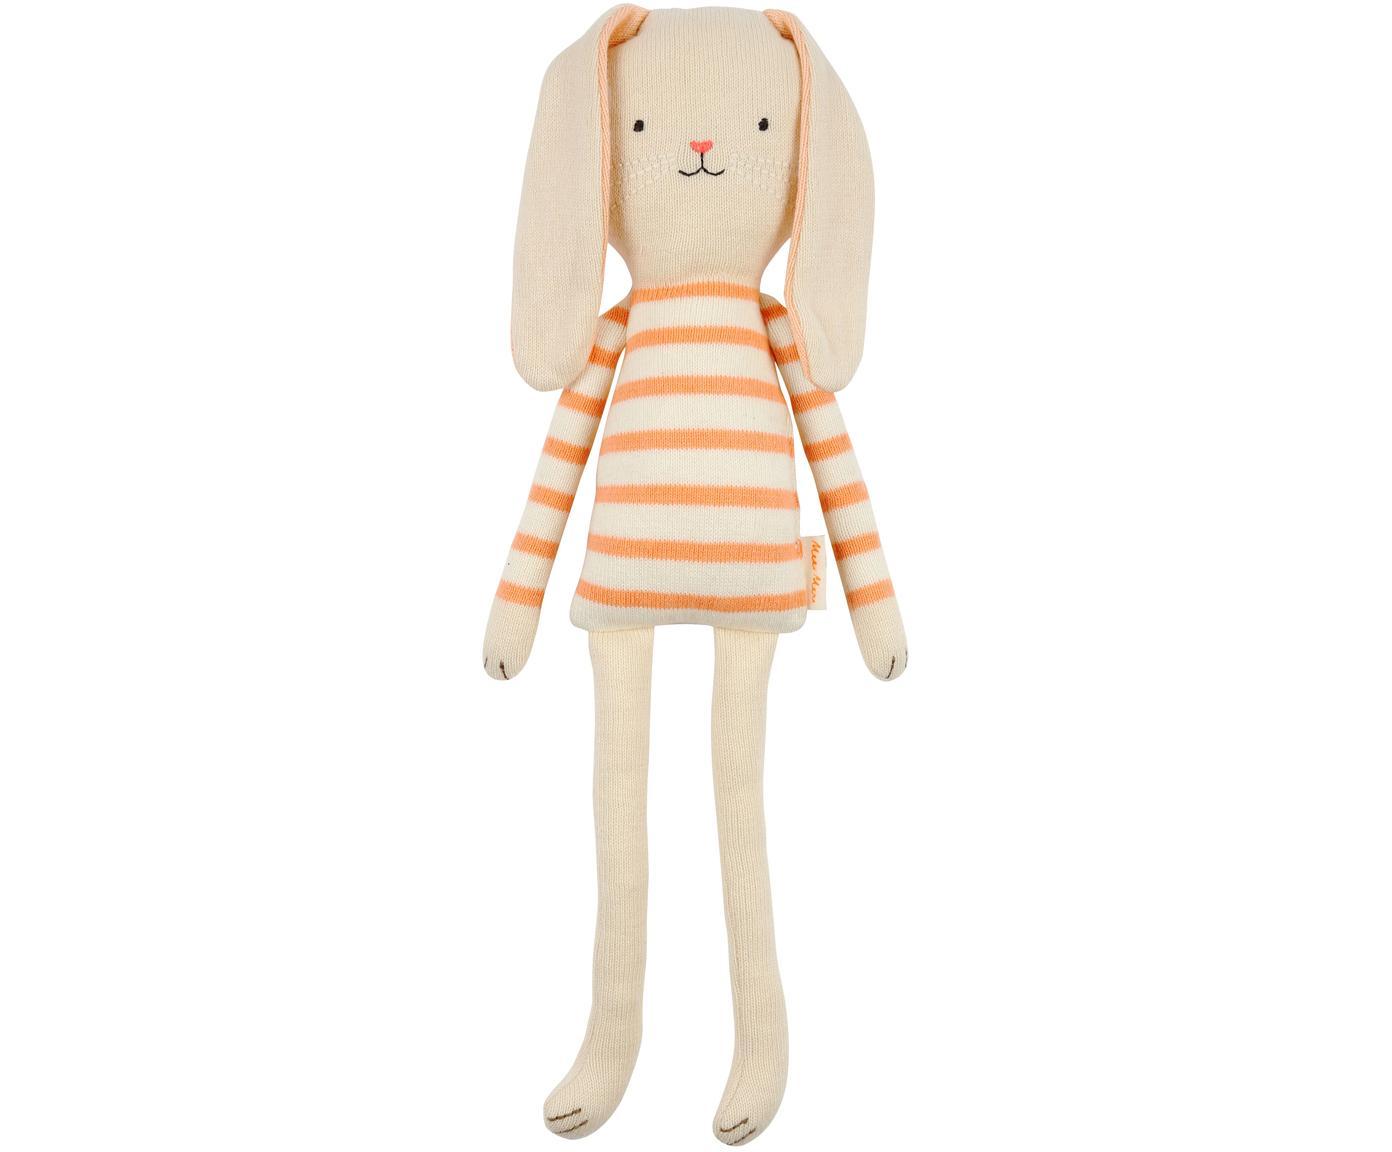 Przytulanka z bawełny organicznej  Bunny, Bawełna organiczna, Jasny beżowy, pomarańczowy, S 12 x W 33 cm